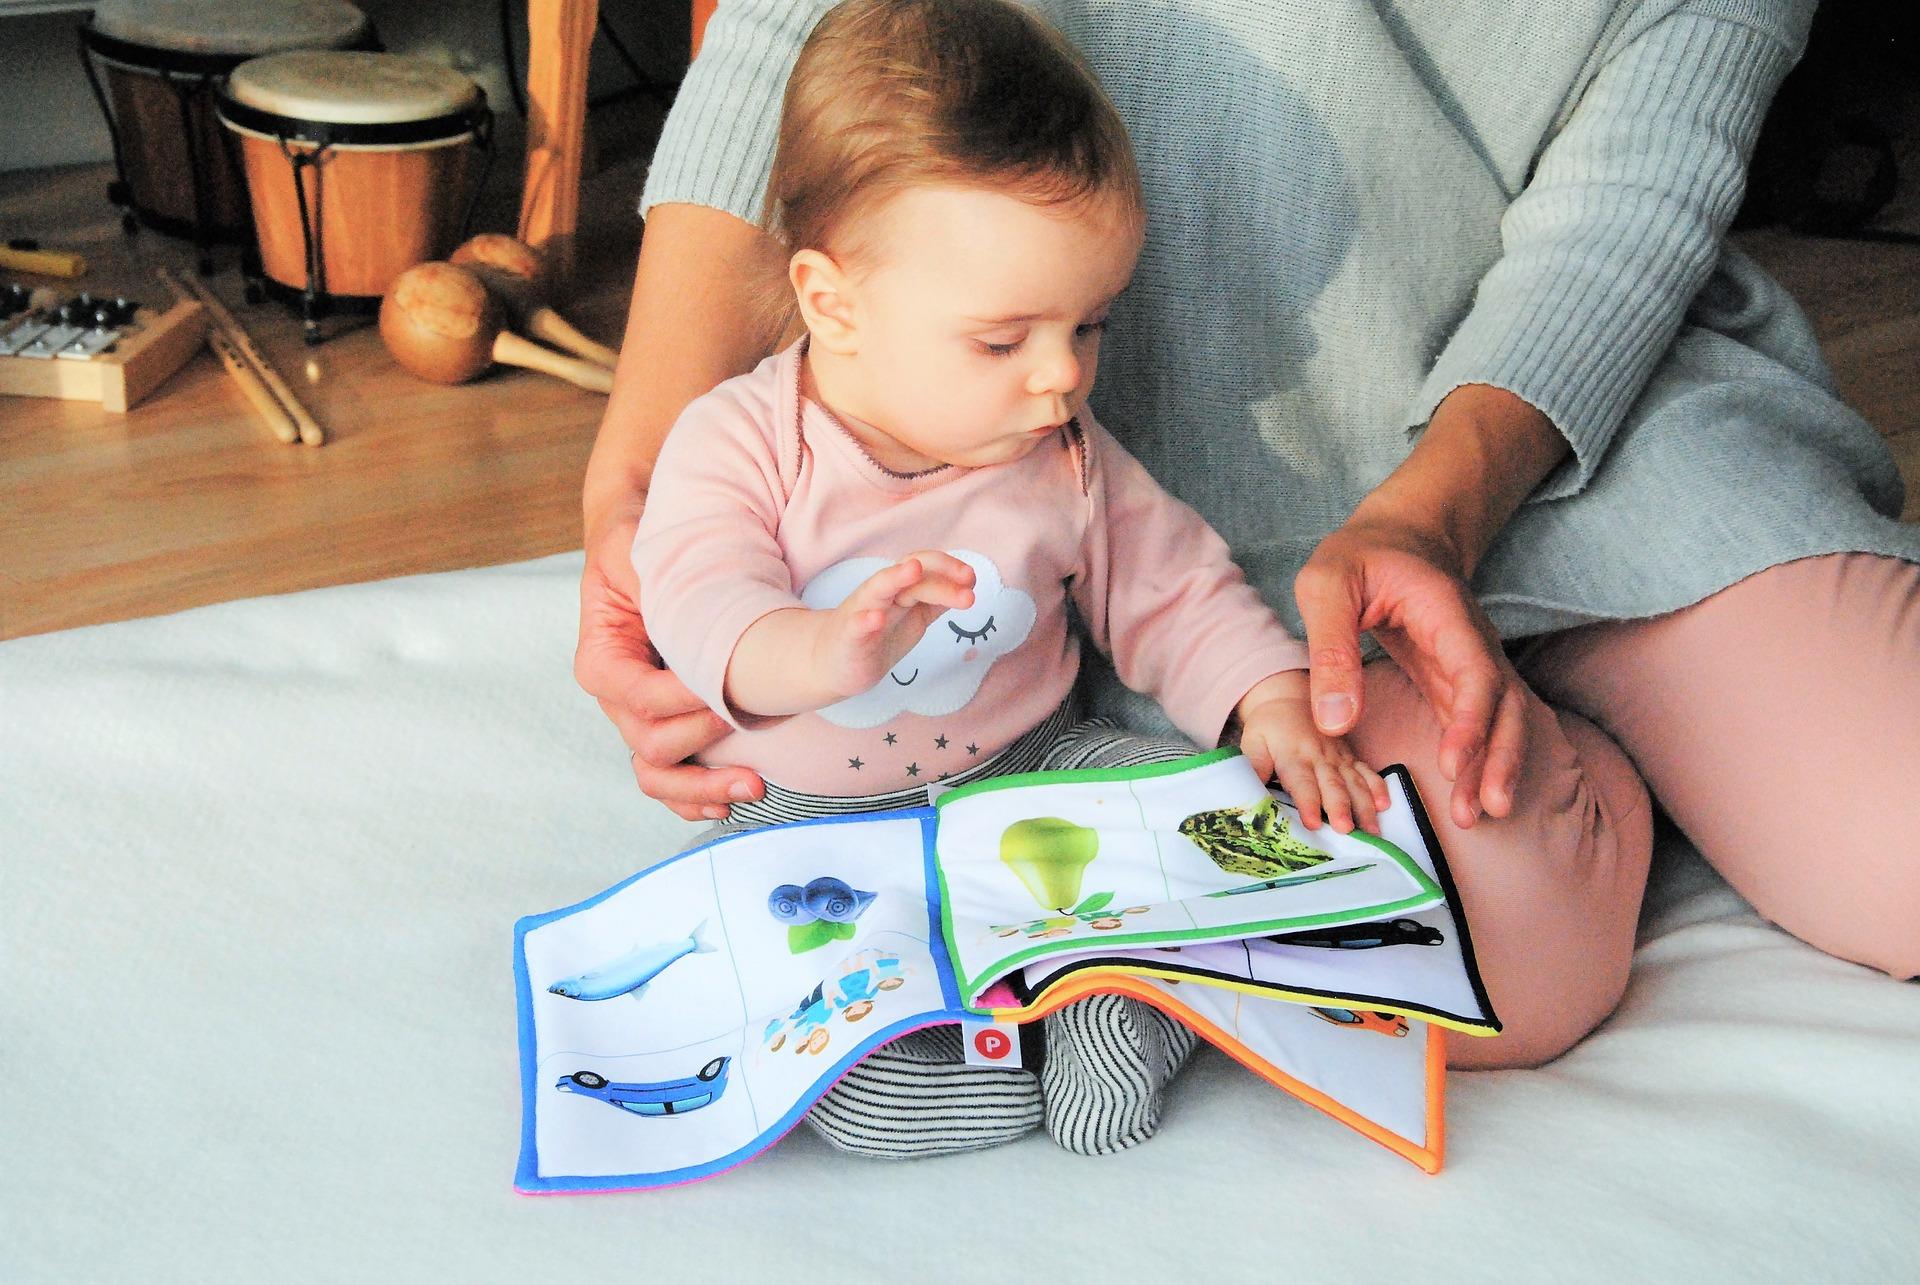 Rząd chce wprowadzić emeryturę dla matek, które urodziły co najmniej czwórkę dzieci. Co na ten temat myślą mamy z powiatu kolbuszowskiego? - Zdjęcie główne